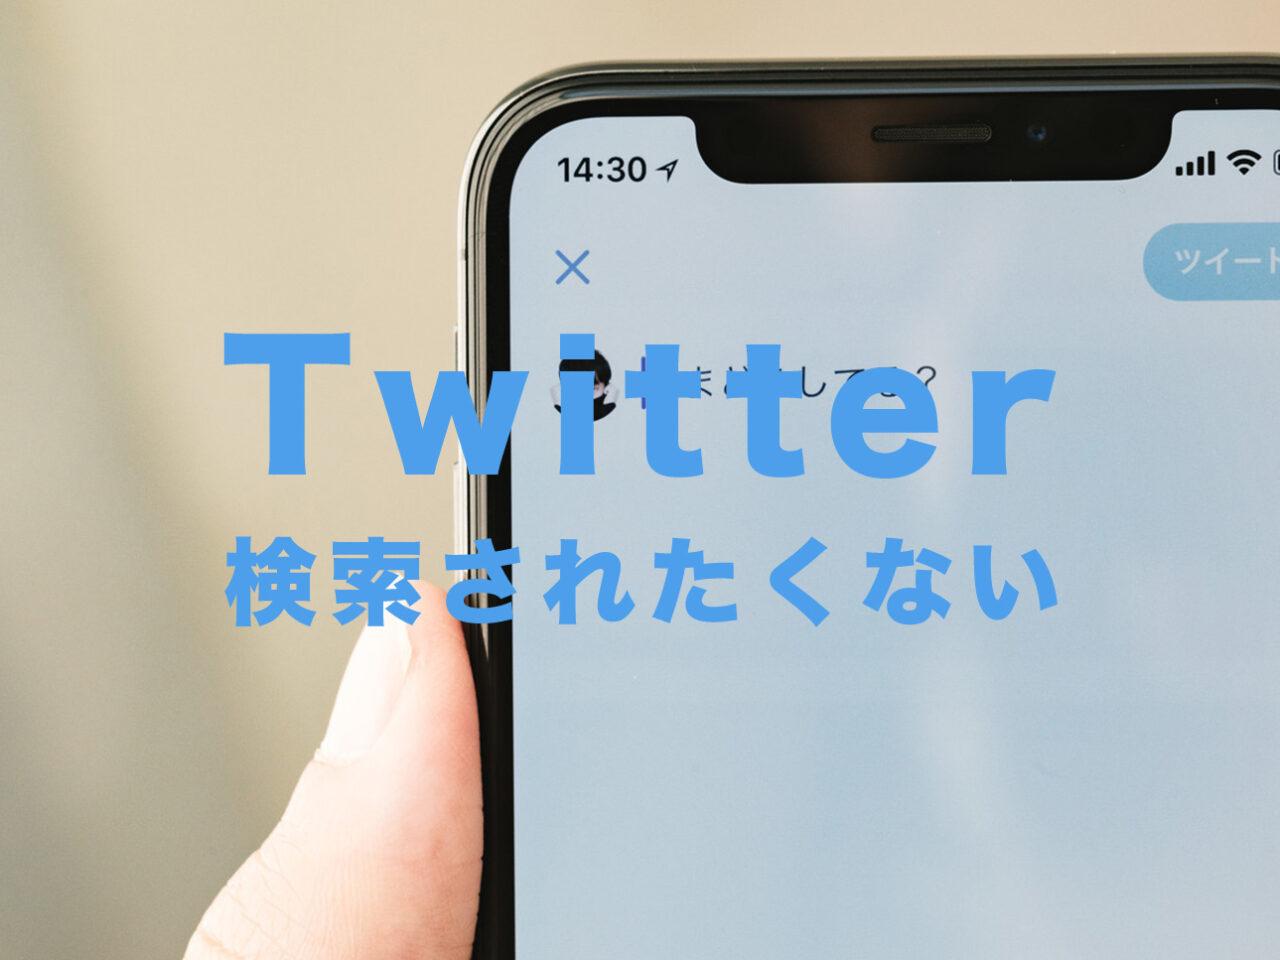 Twitter(ツイッター)で電話番号やメールアドレスで検索されたくない場合の対処法は?のサムネイル画像